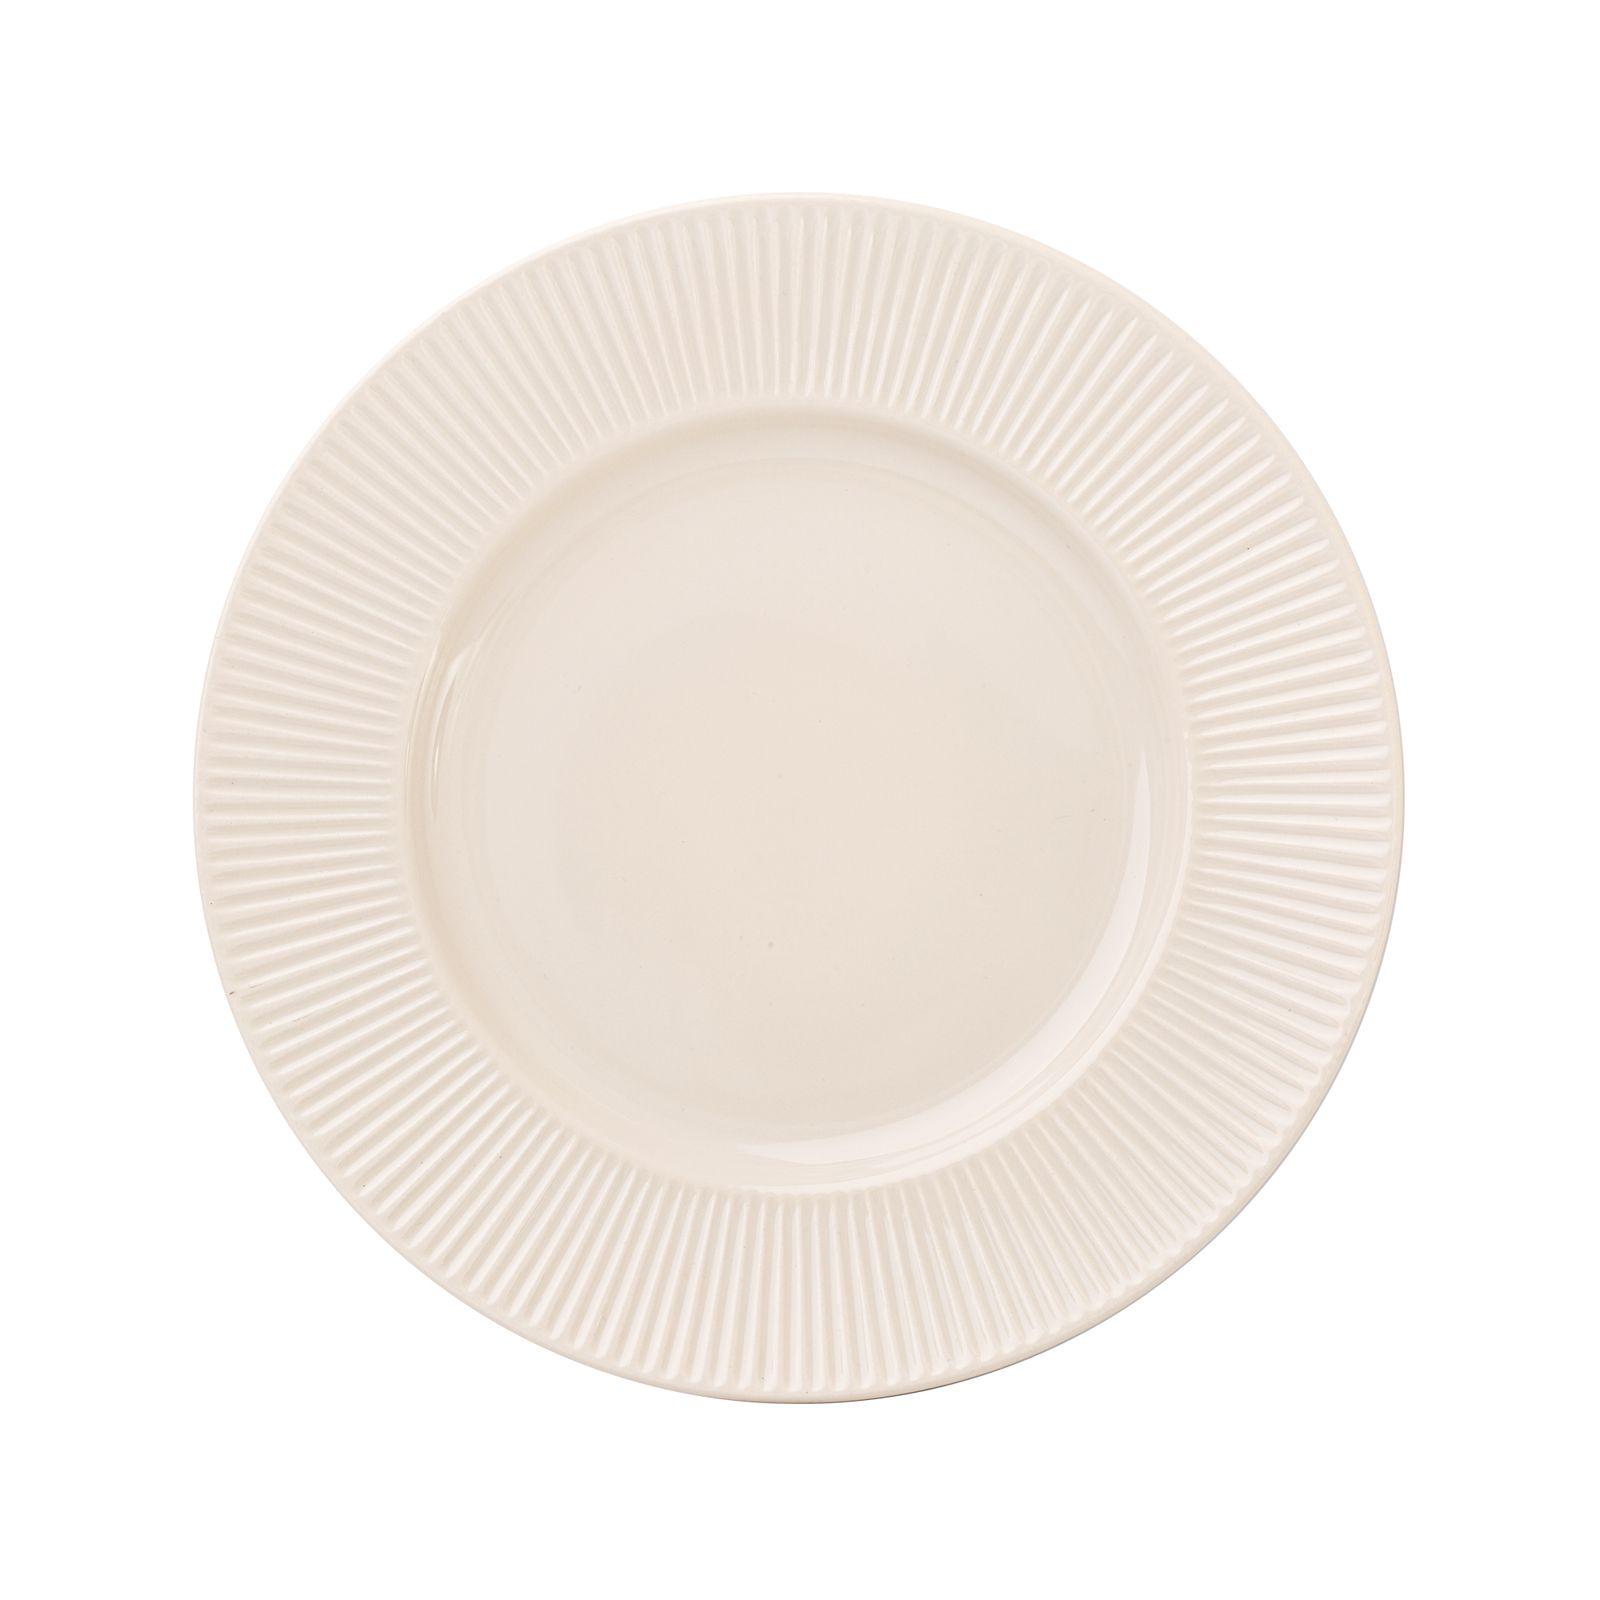 Assiette plate Palette 27cm AMBITION